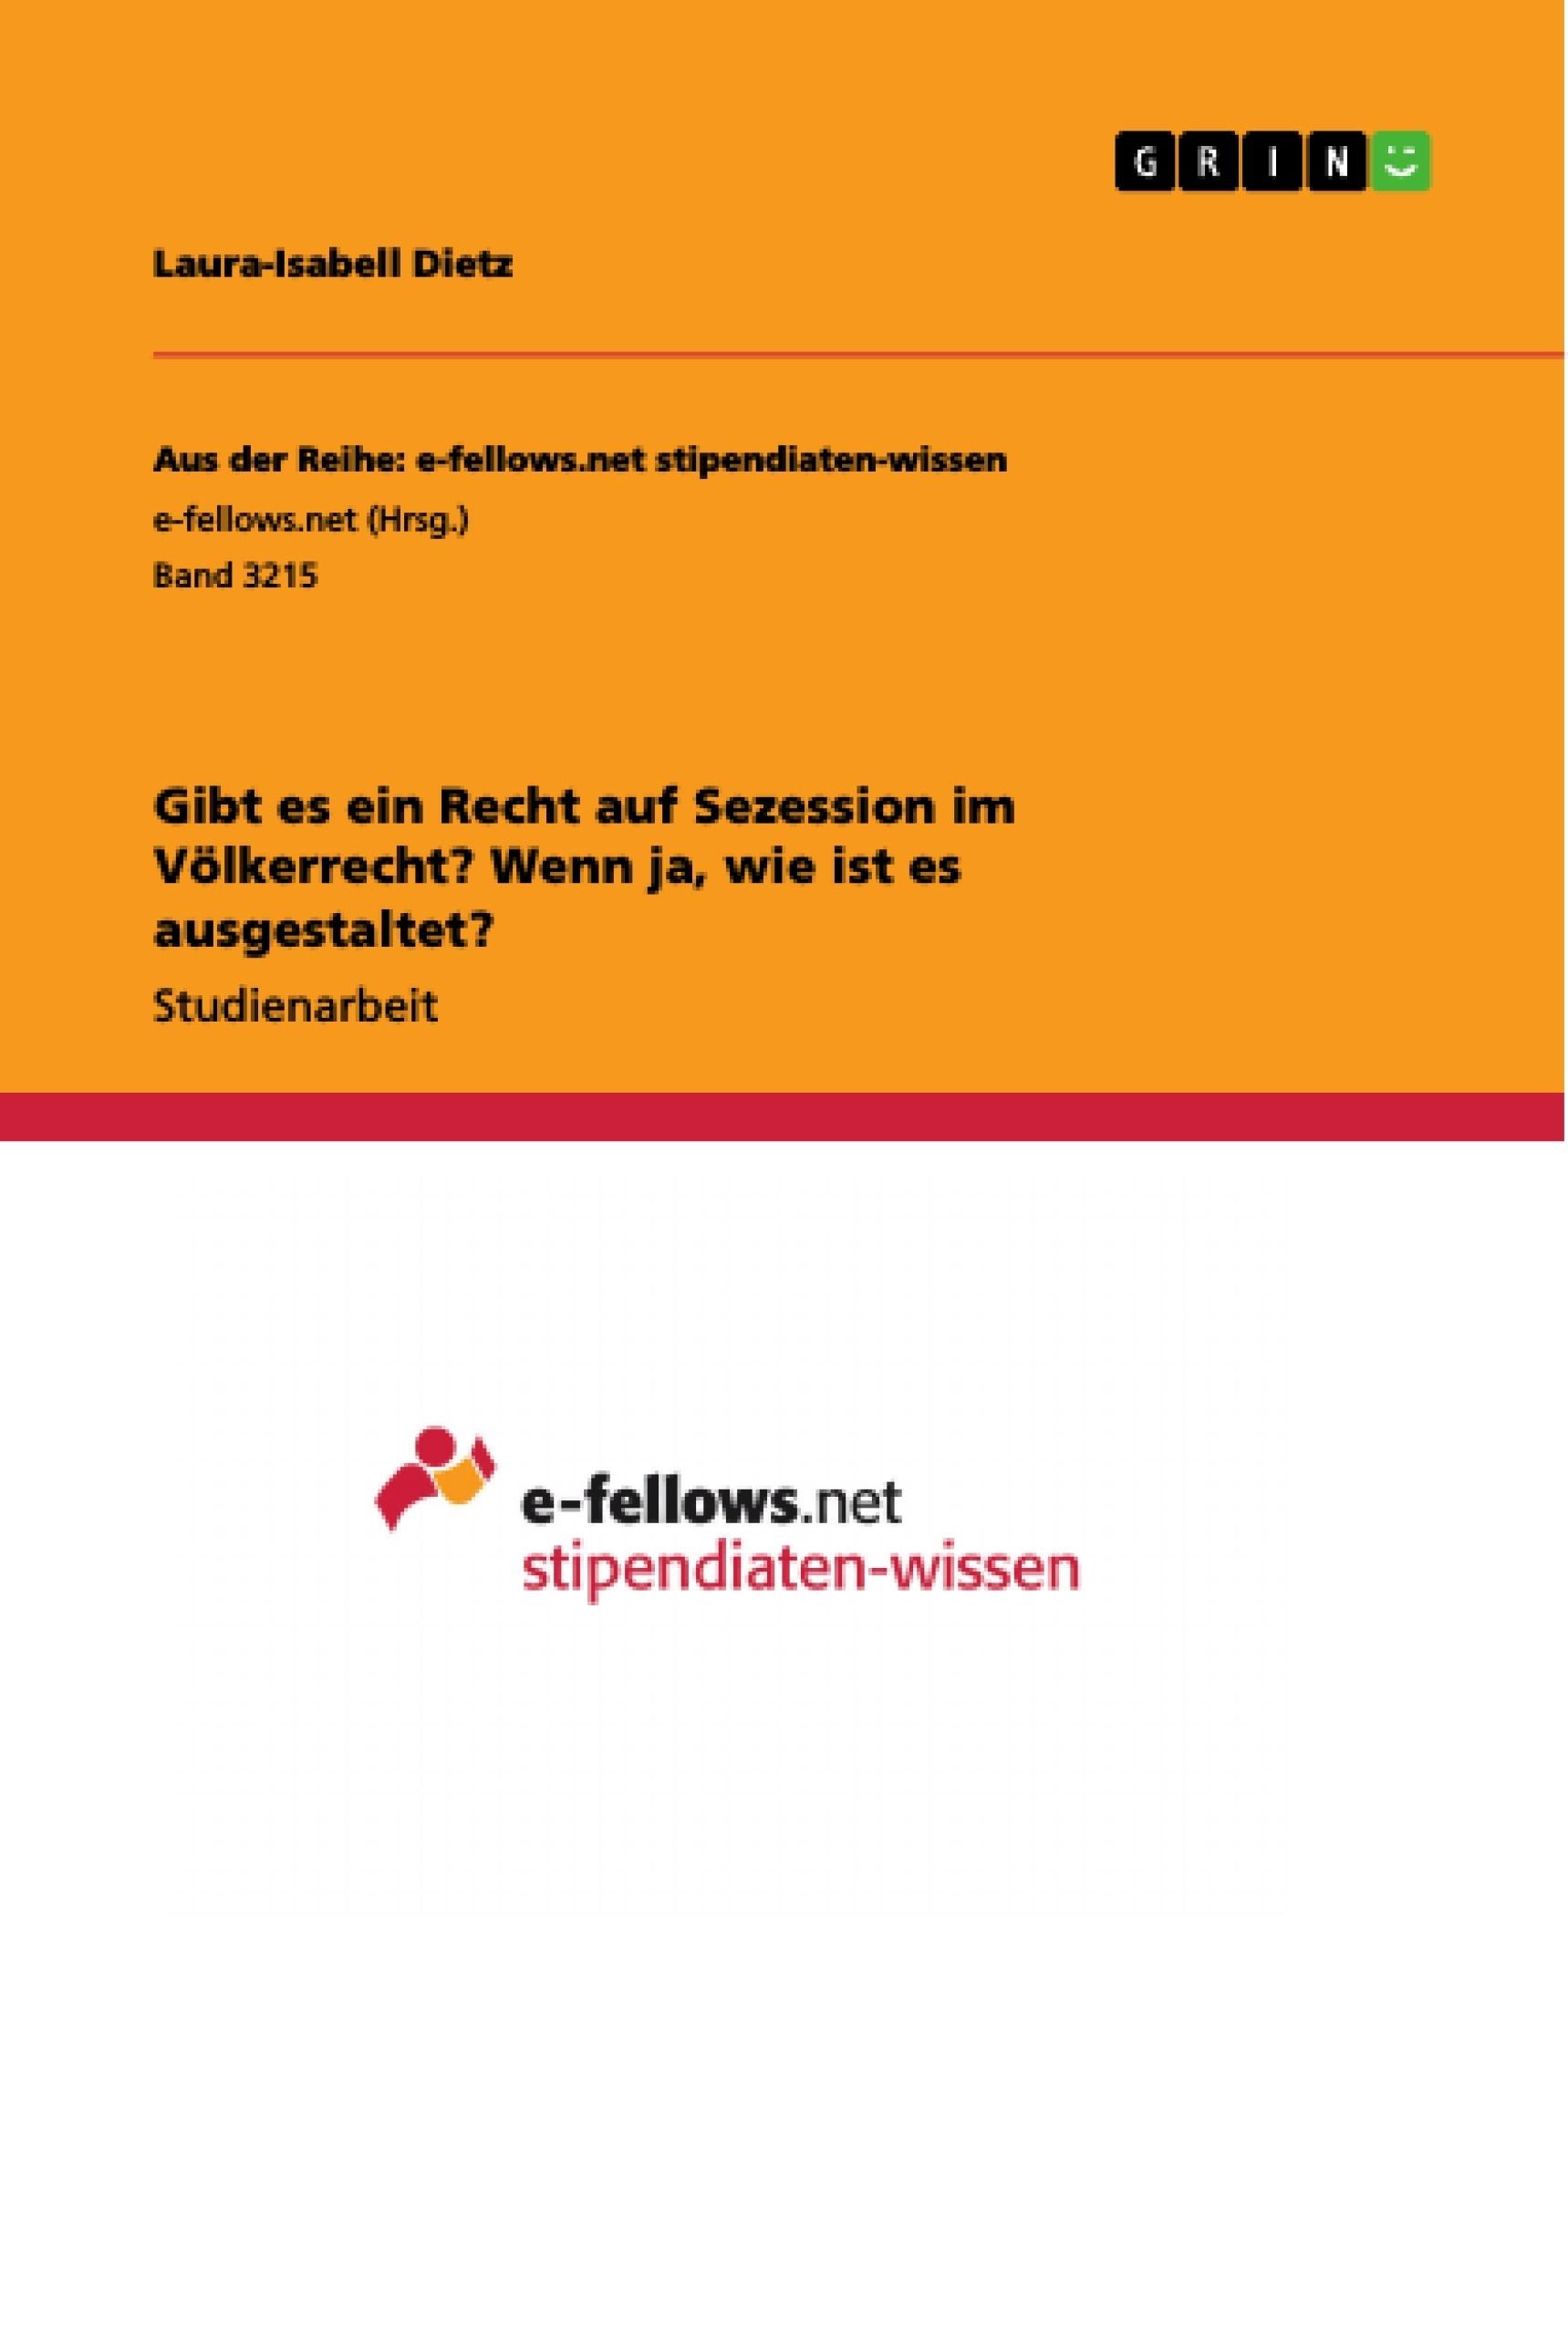 Titel: Gibt es ein Recht auf Sezession im Völkerrecht? Wenn ja, wie ist es ausgestaltet?